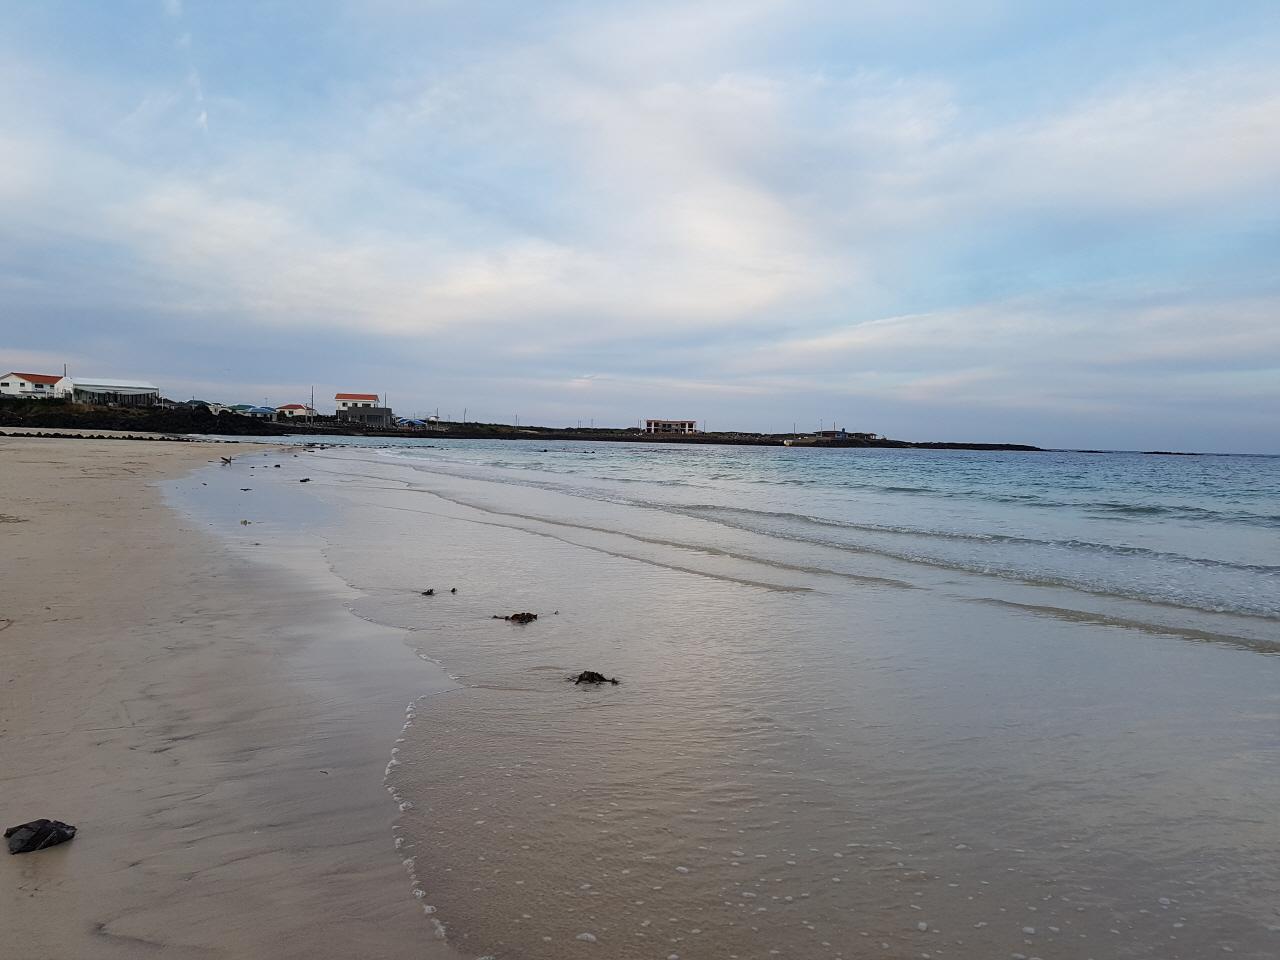 '서빈백사' '우도 8경' 중의 하나로서  산호모래 해수욕장이 아니라, 세계적으로 희귀한 '홍조단괴 해빈'으로 밝혀져 2004년 천연기념물 제 438호로 지정되었다.